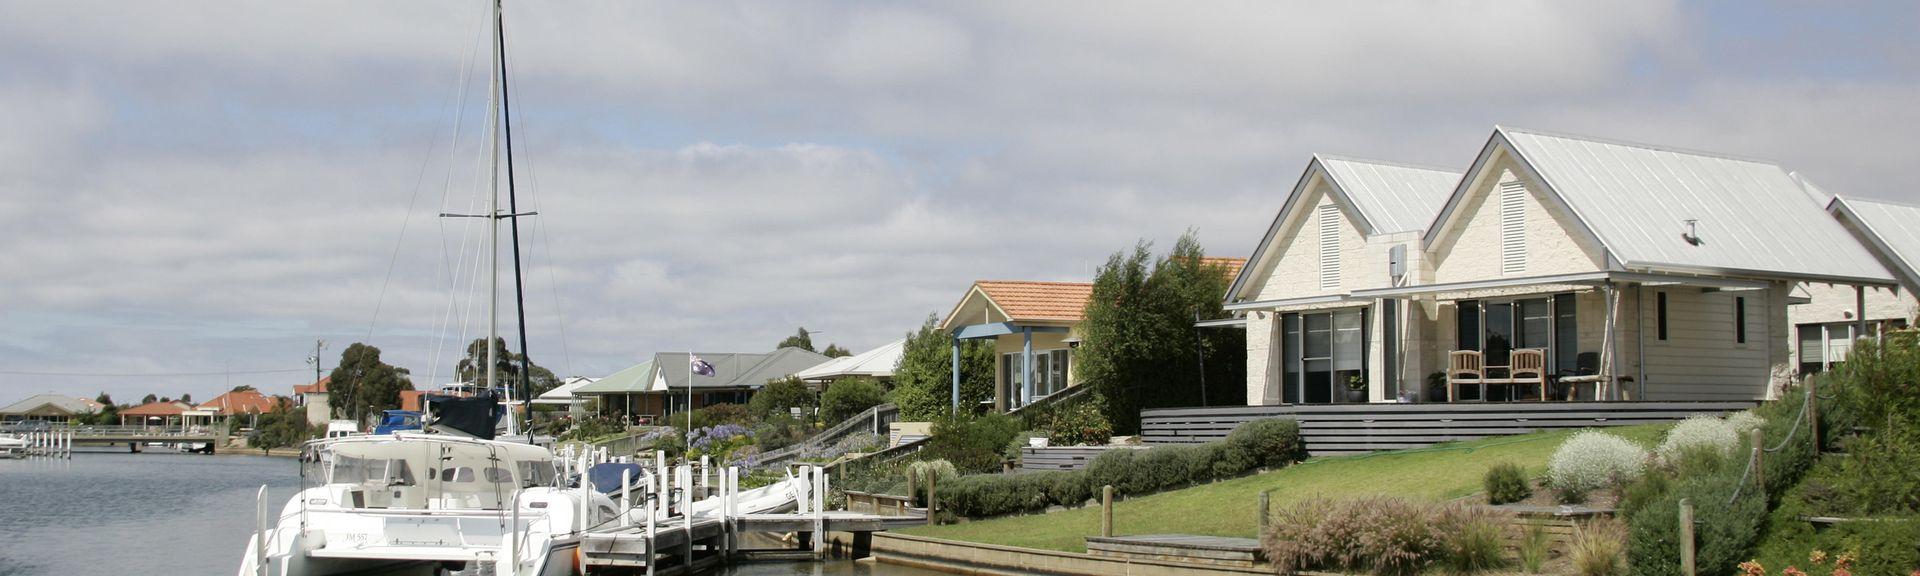 Paynesville, Victoria, Australia